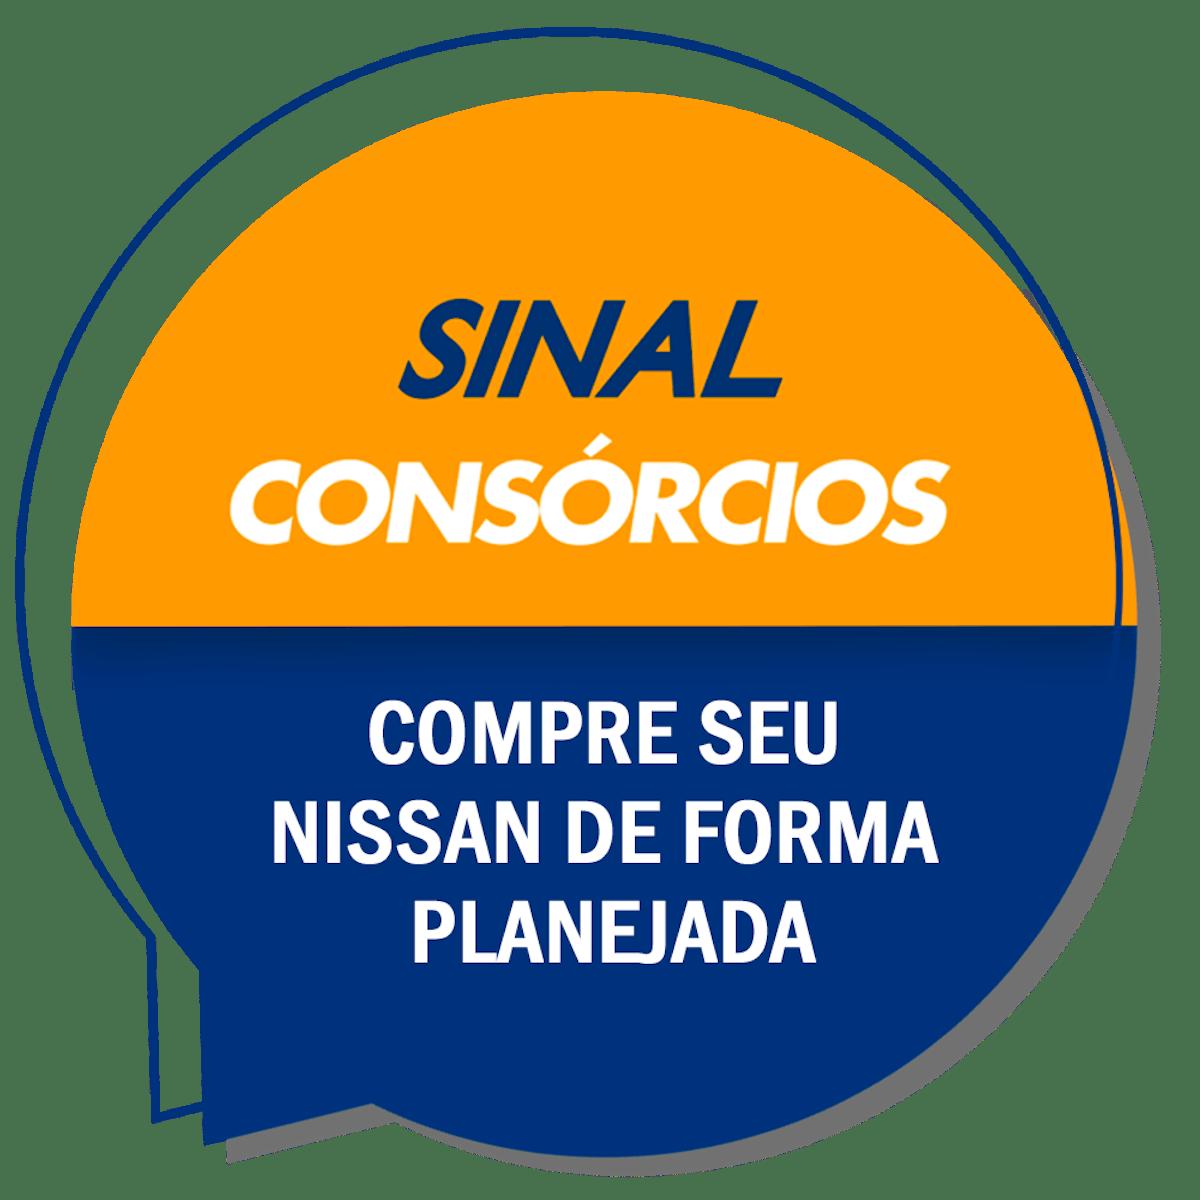 Nissan Sinal Consórcio